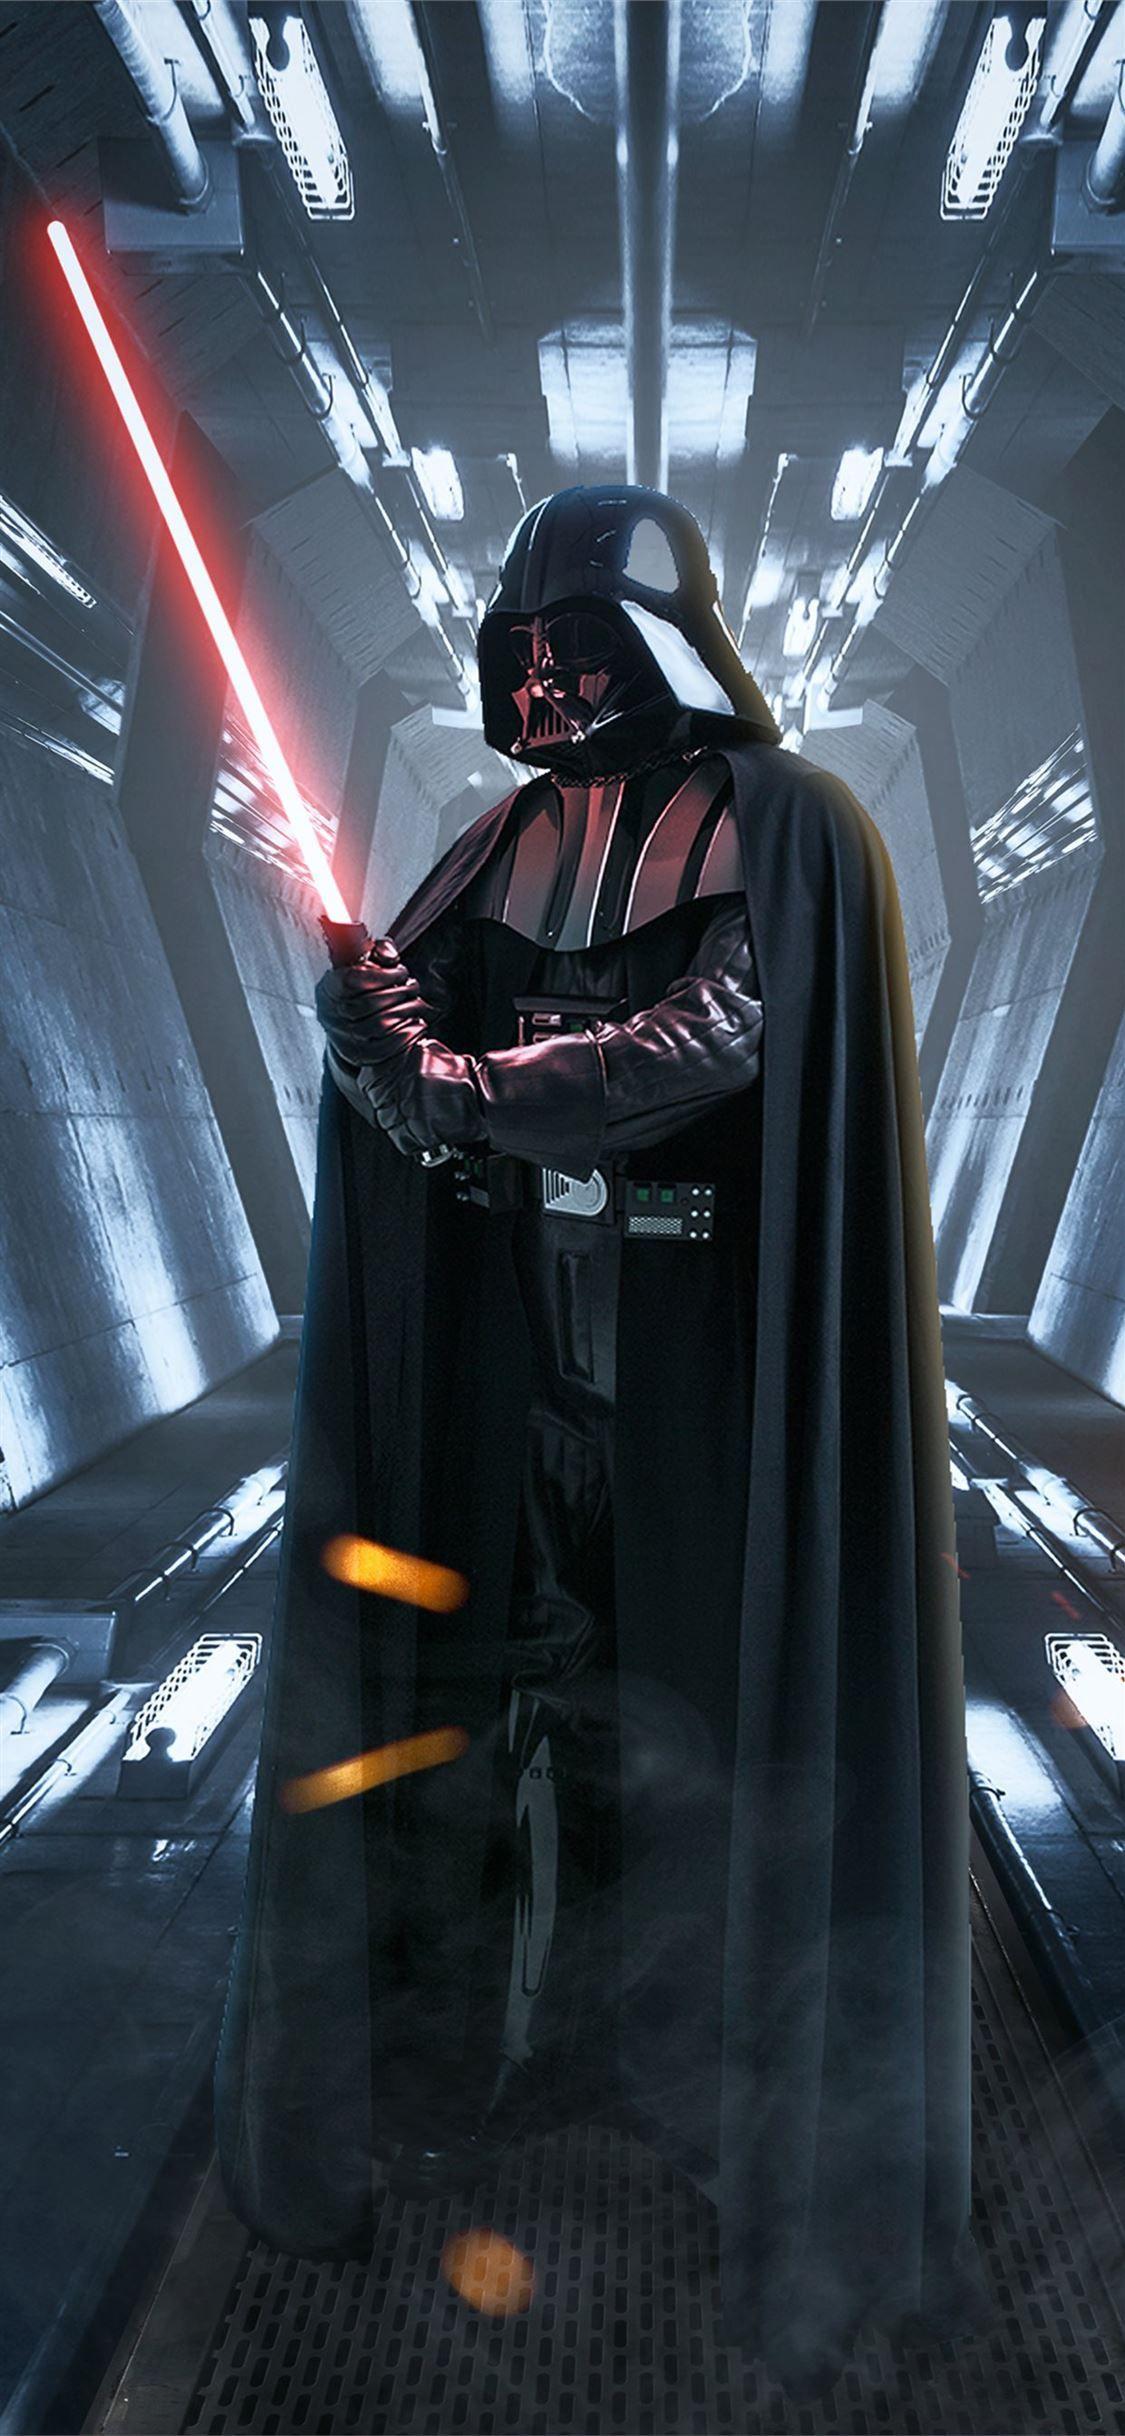 2020 Darth Vader 4k Darthvader Movies Artwork 4k Starwars Iphonexwallpaper Darth Vader 4k Darth Vader 4k Wallpaper Darth Vader